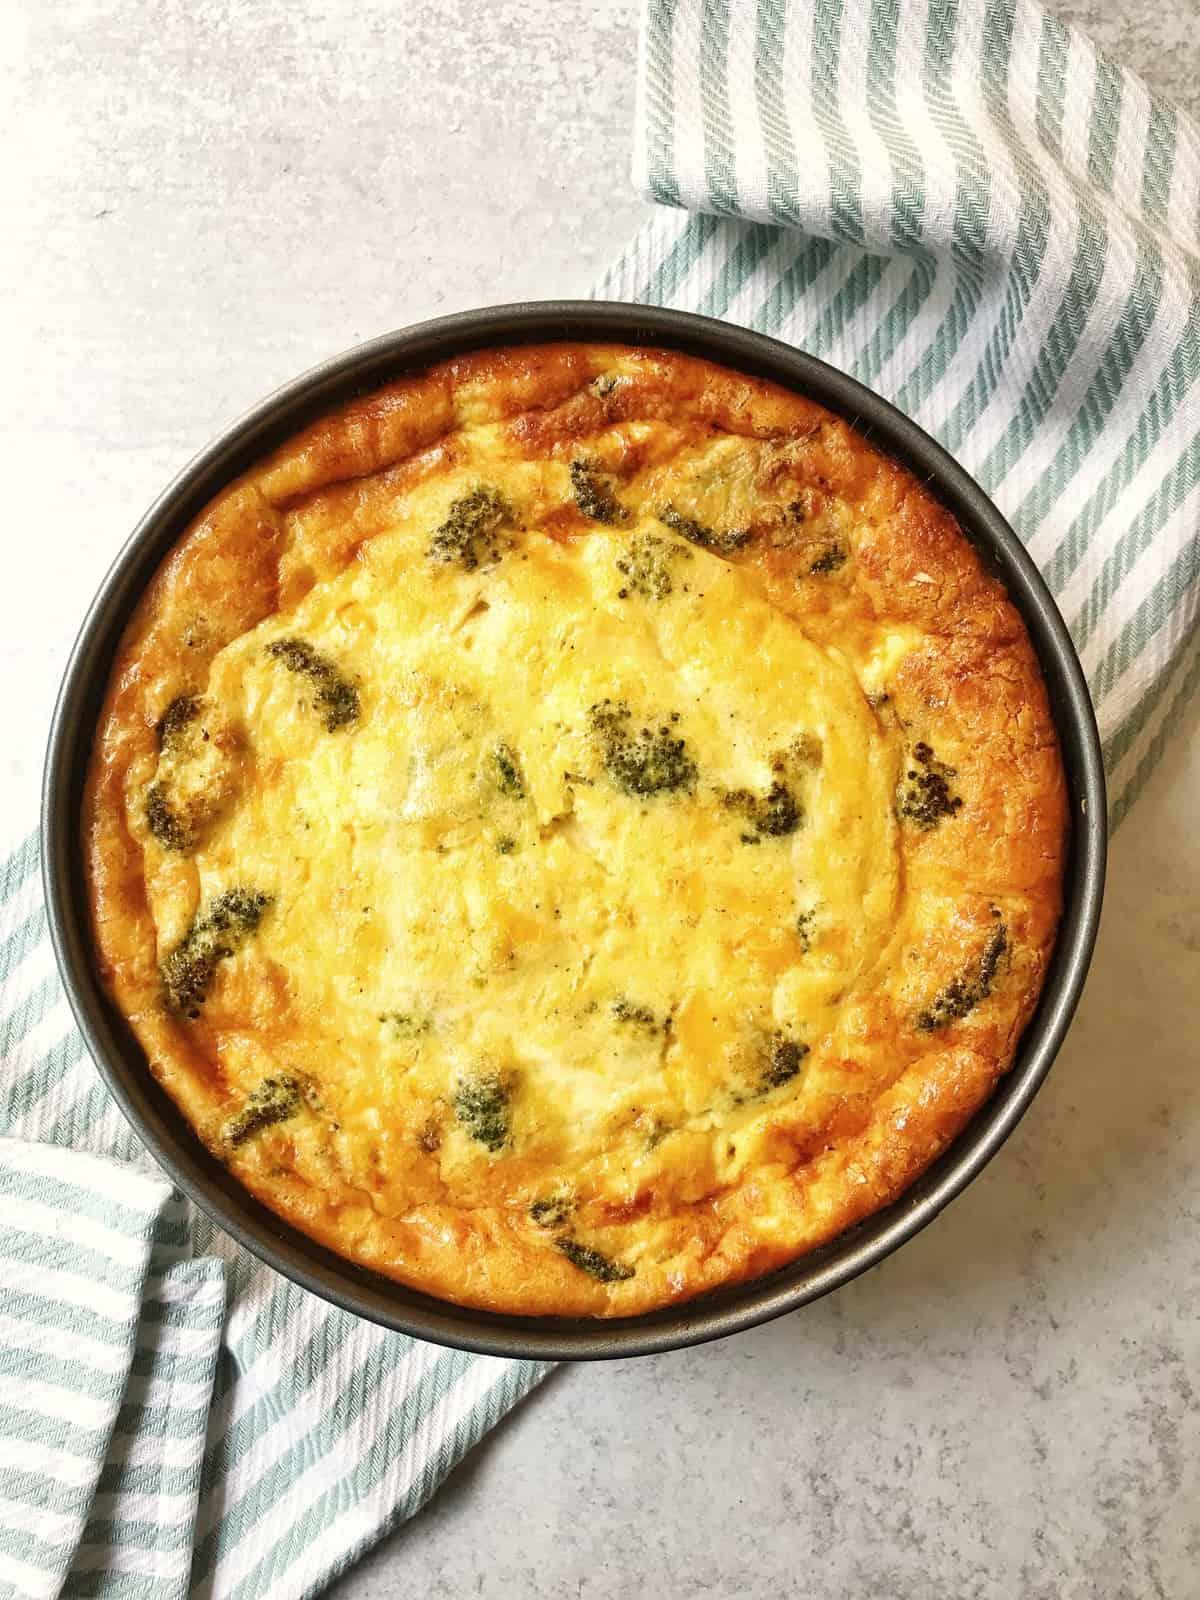 Broccoli, Ham and Cheddar Quiche